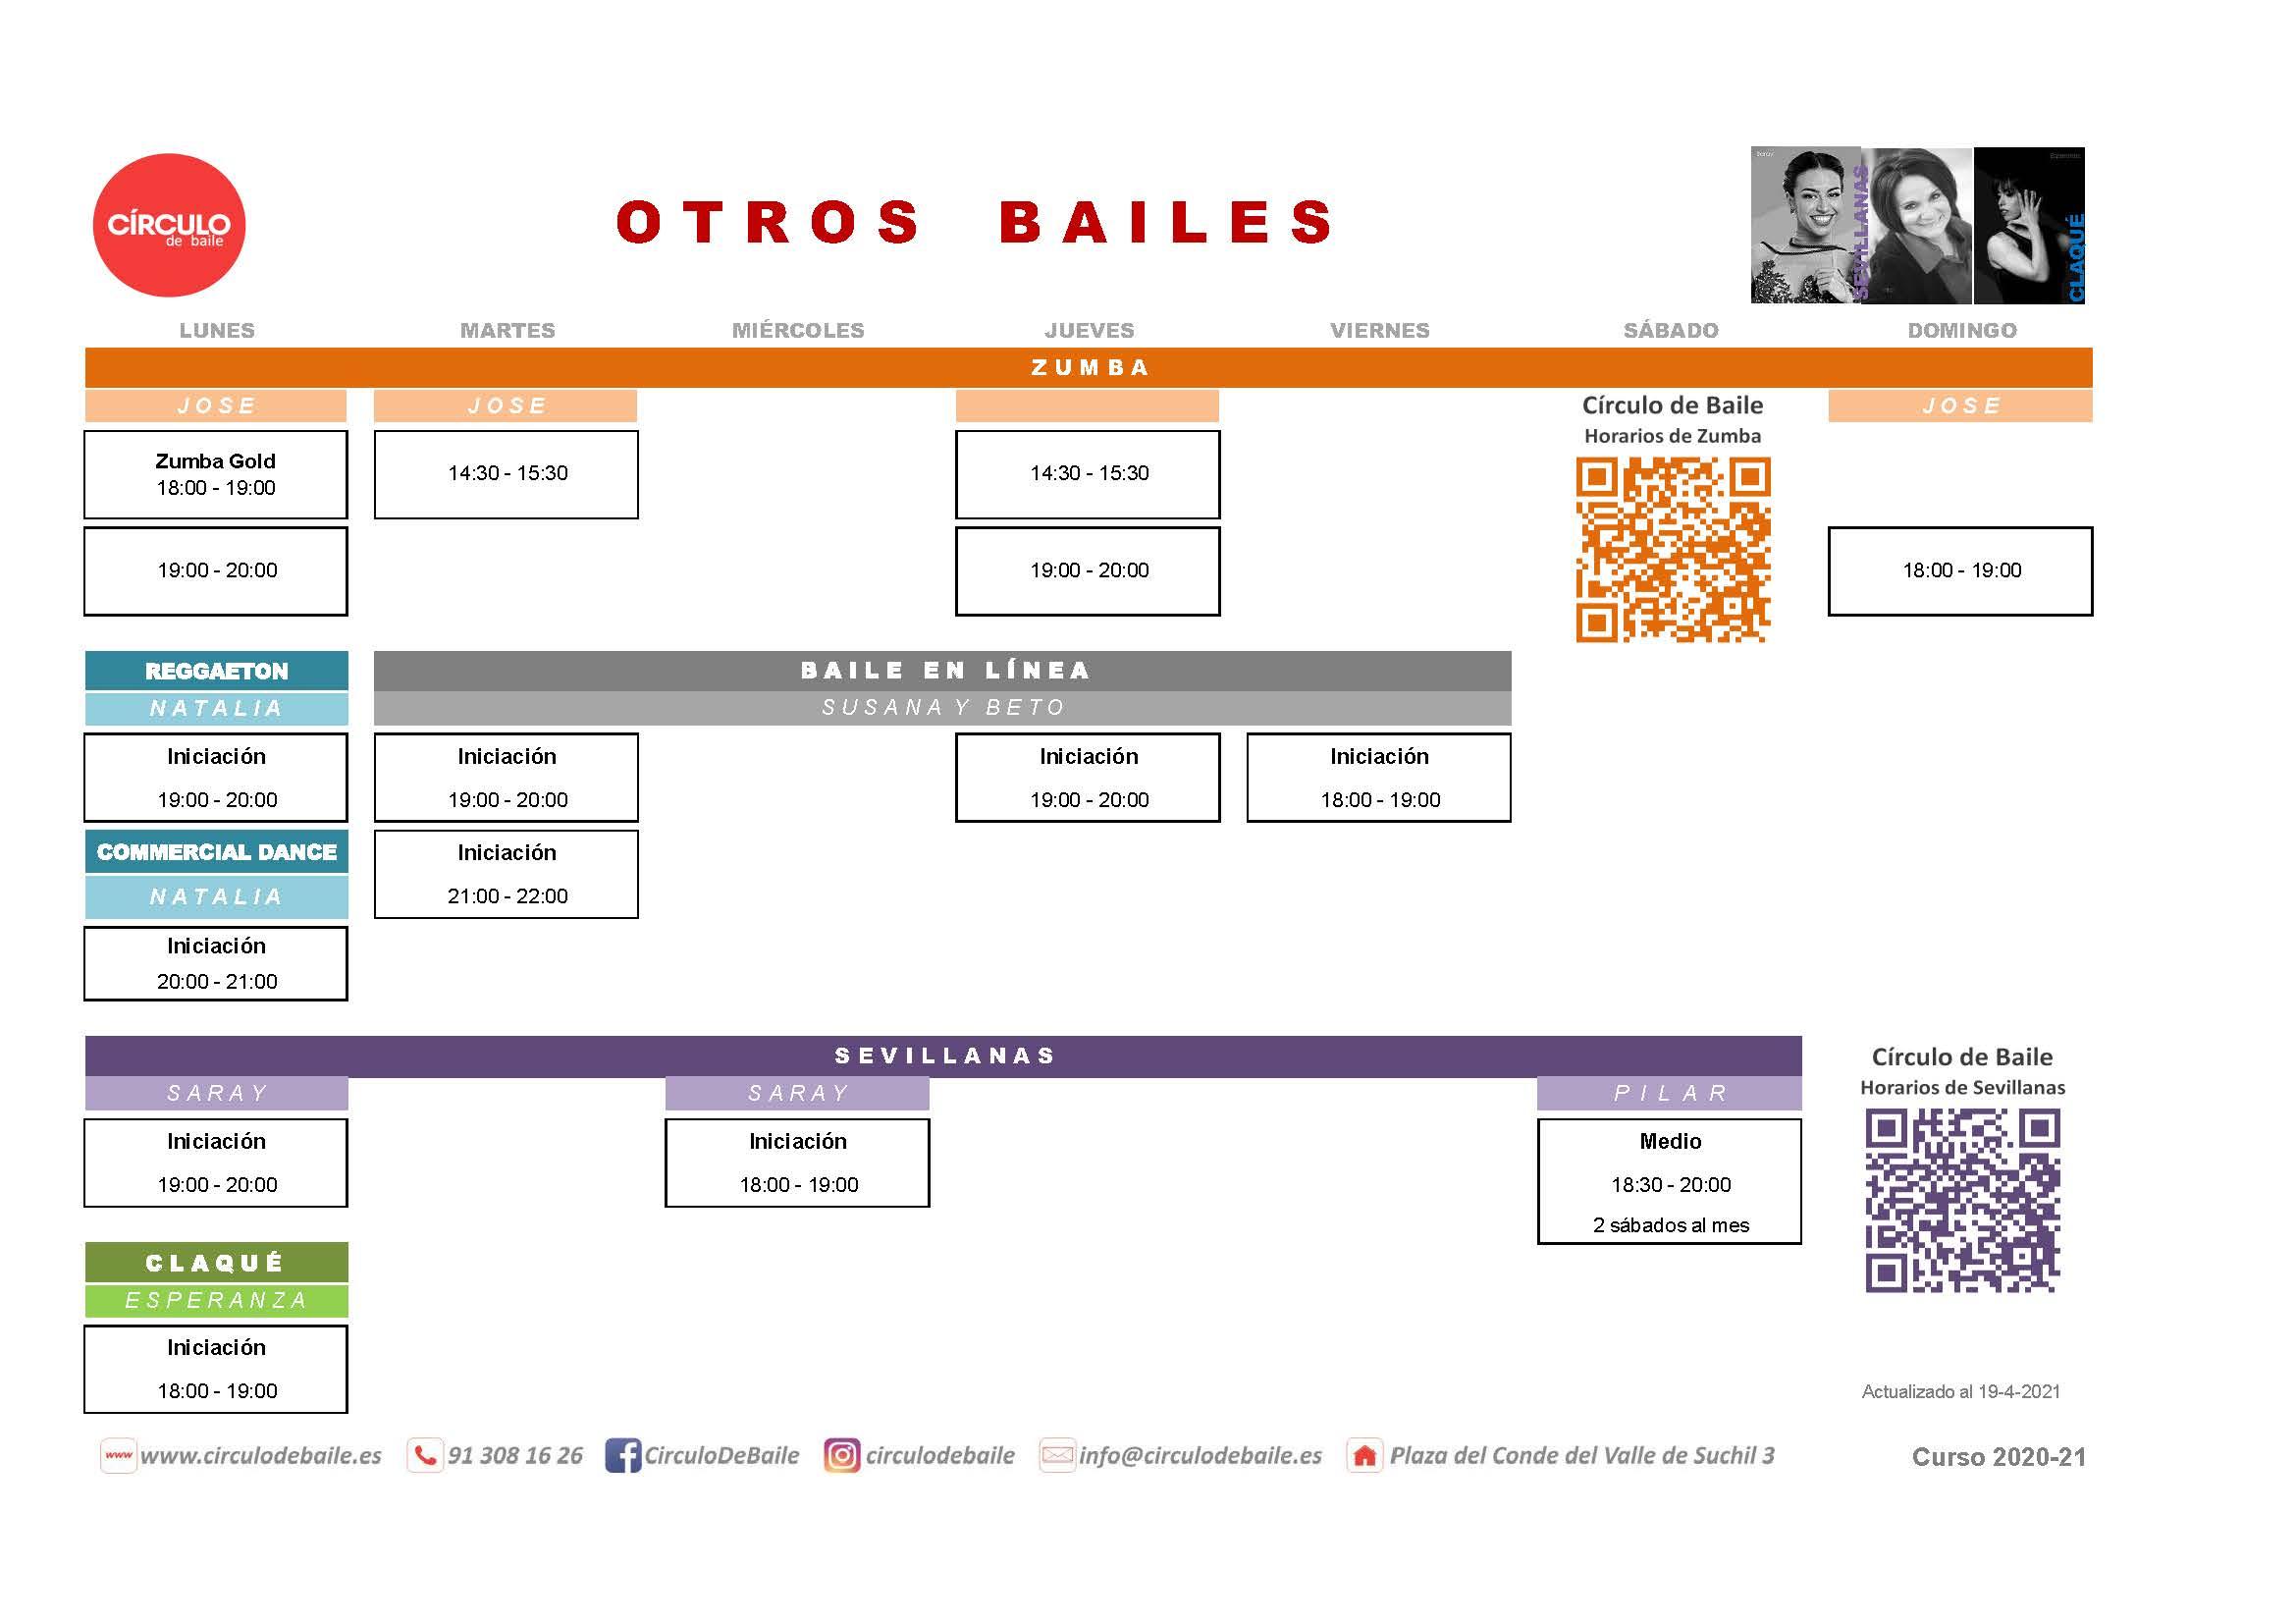 Horarios de otros bailes del curso 2020-21 en Circulo de Baile